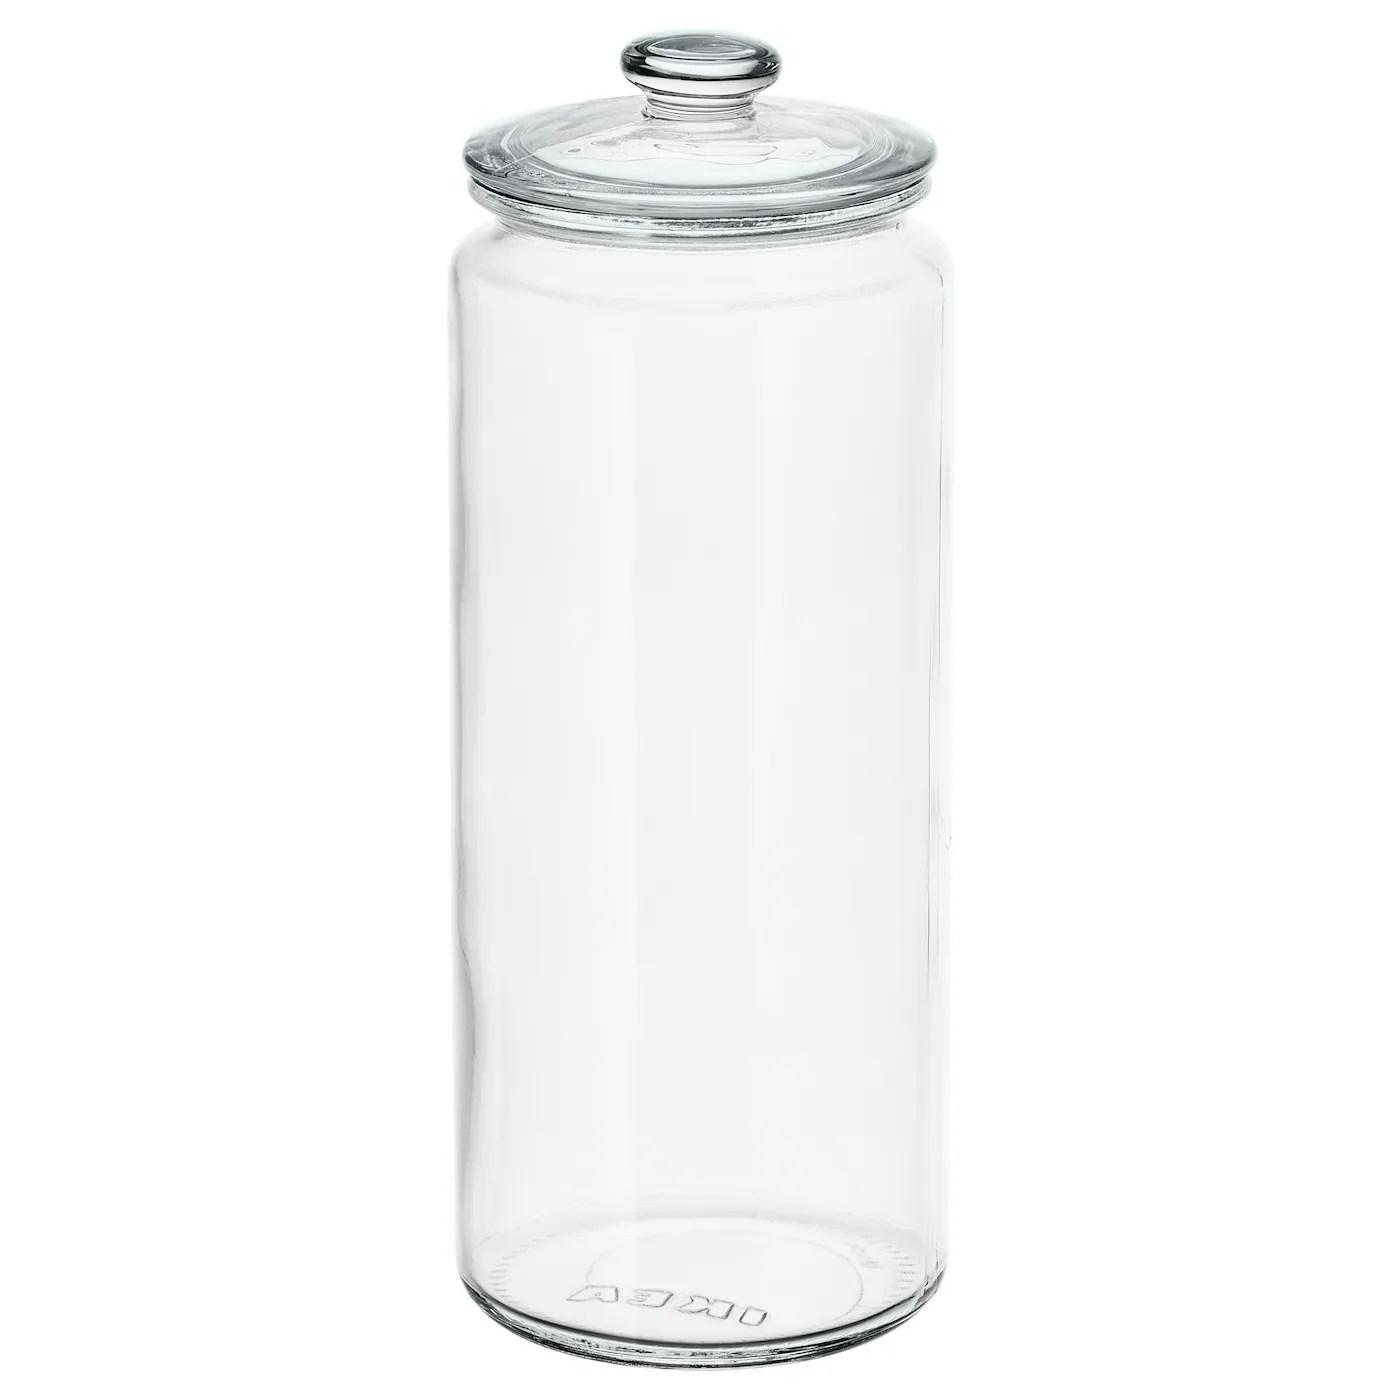 vardagen bocal avec couvercle verre transparent 1 8 l